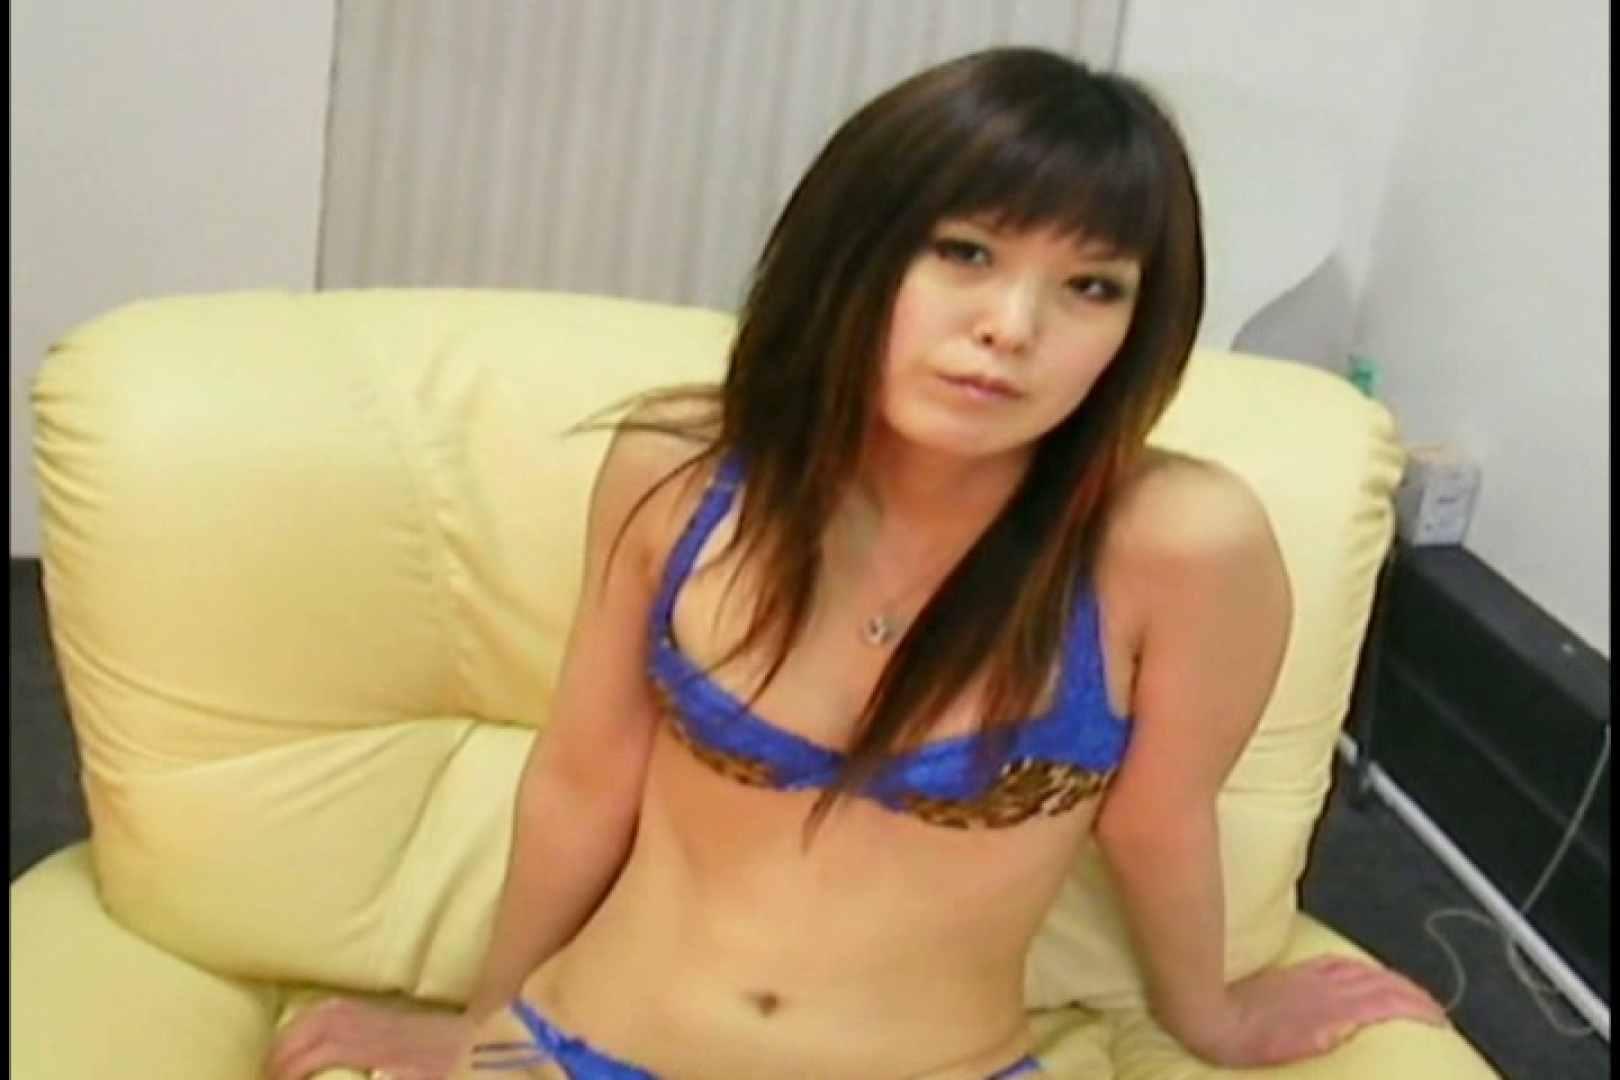 素人撮影 下着だけの撮影のはずが・・・りか26歳 細身な女性 ヌード画像 112pic 89